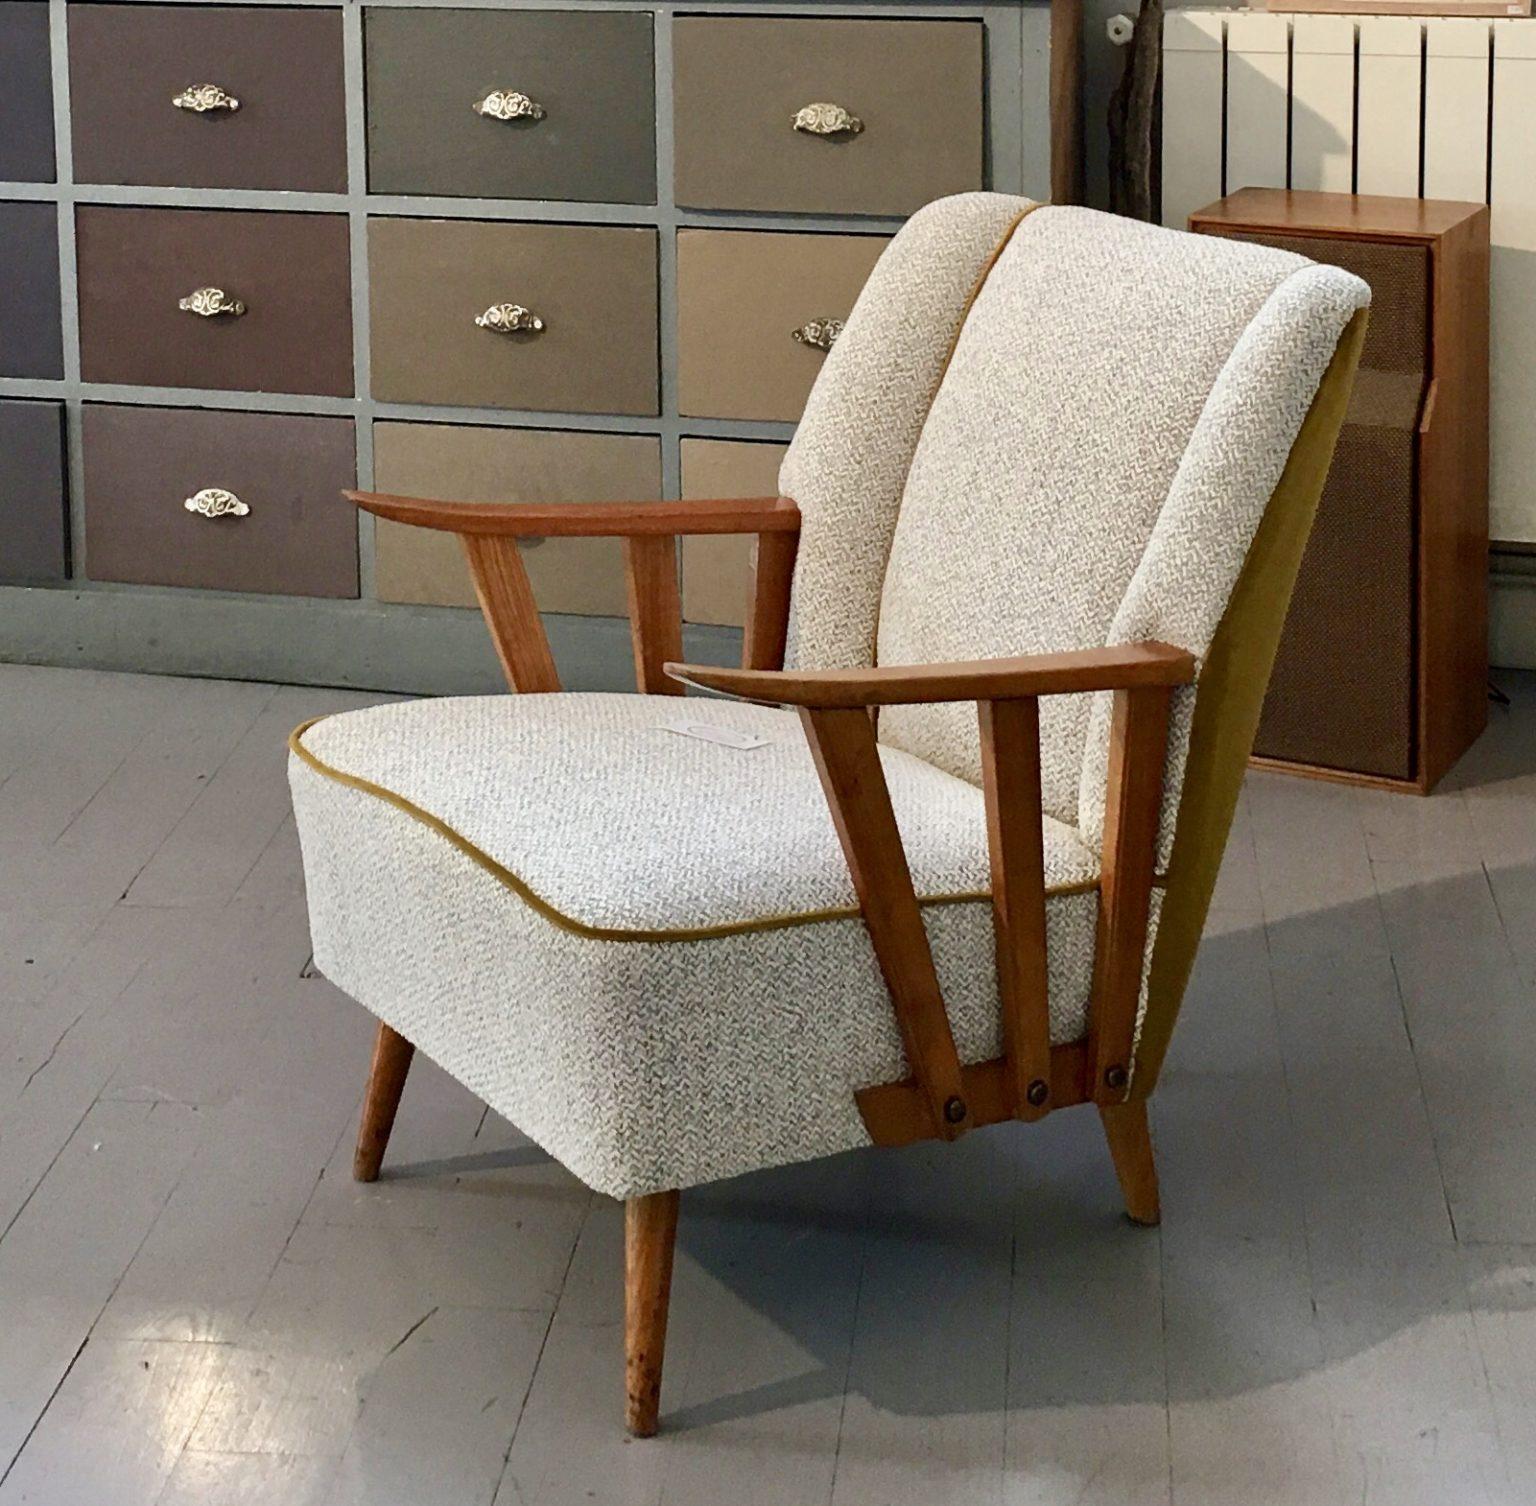 Les indiscrètes de Joséphine meuble rénové